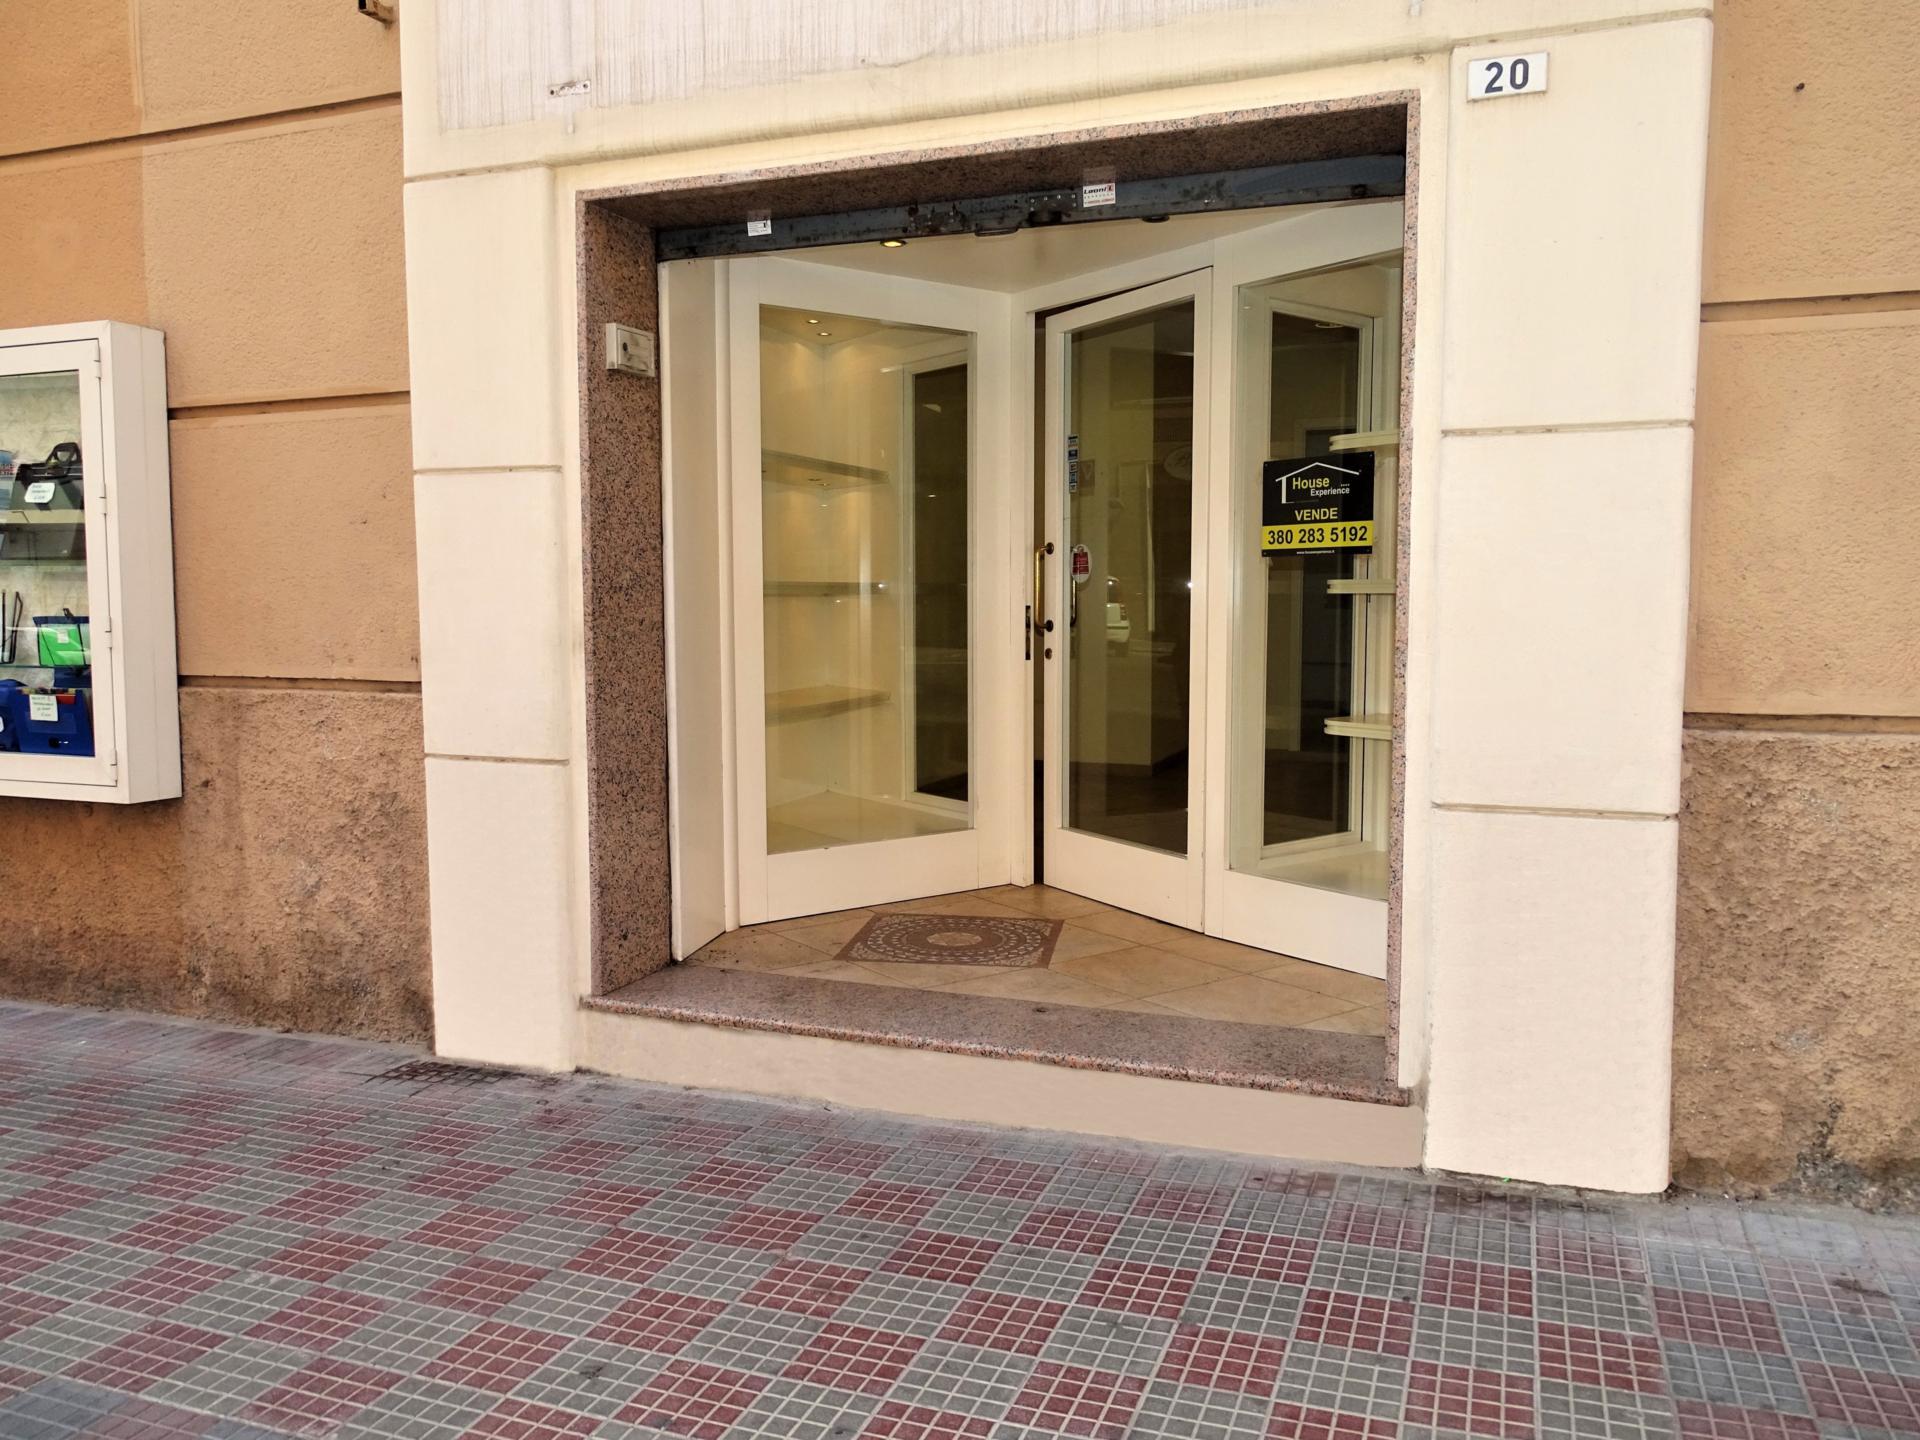 Via Cocco Ortu – Locale commerciale di 60 mq